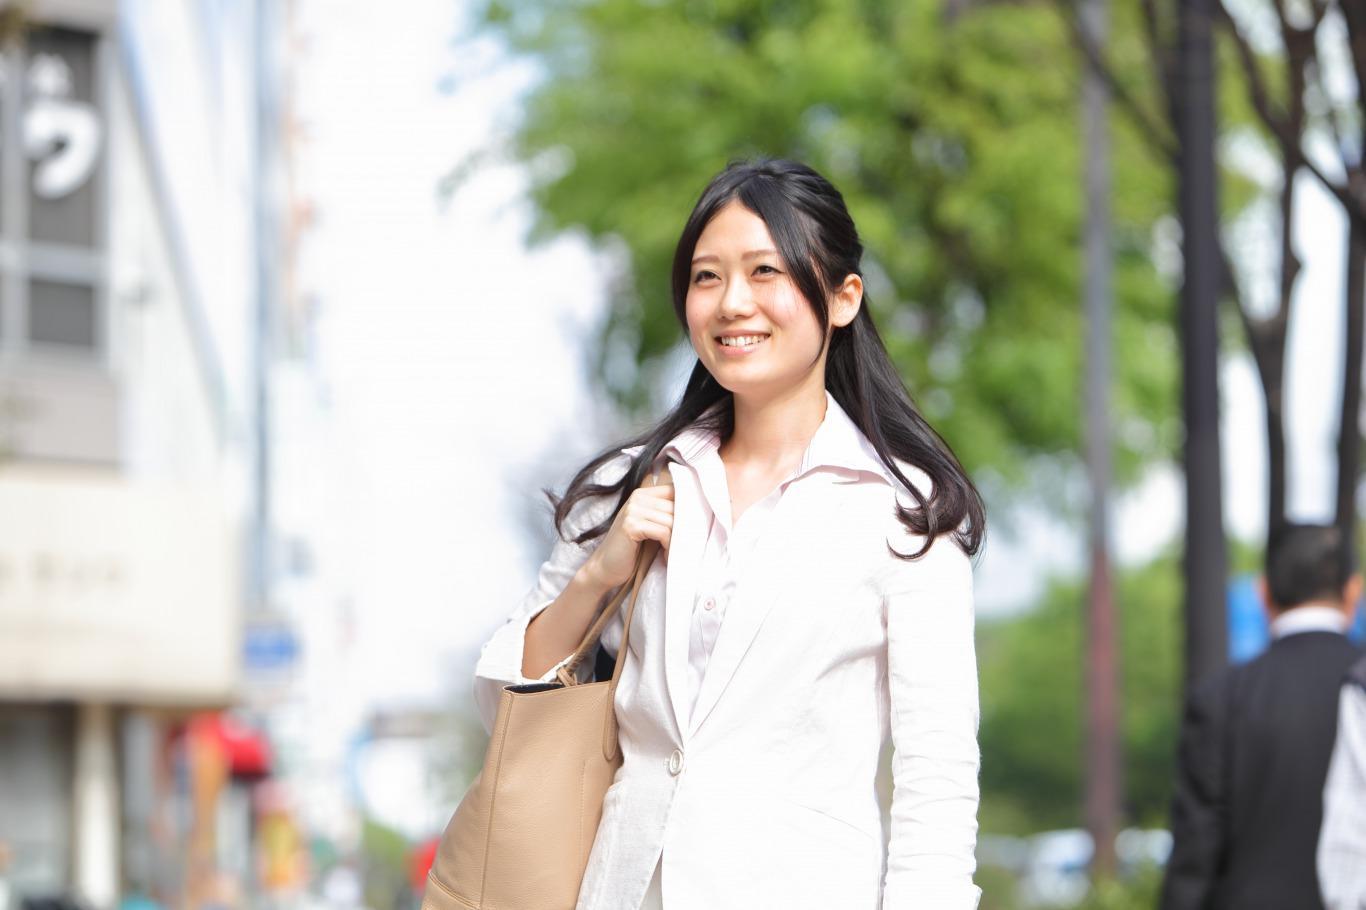 【未経験者歓迎!】事務スタッフ【髪型・服装・ネイル自由】